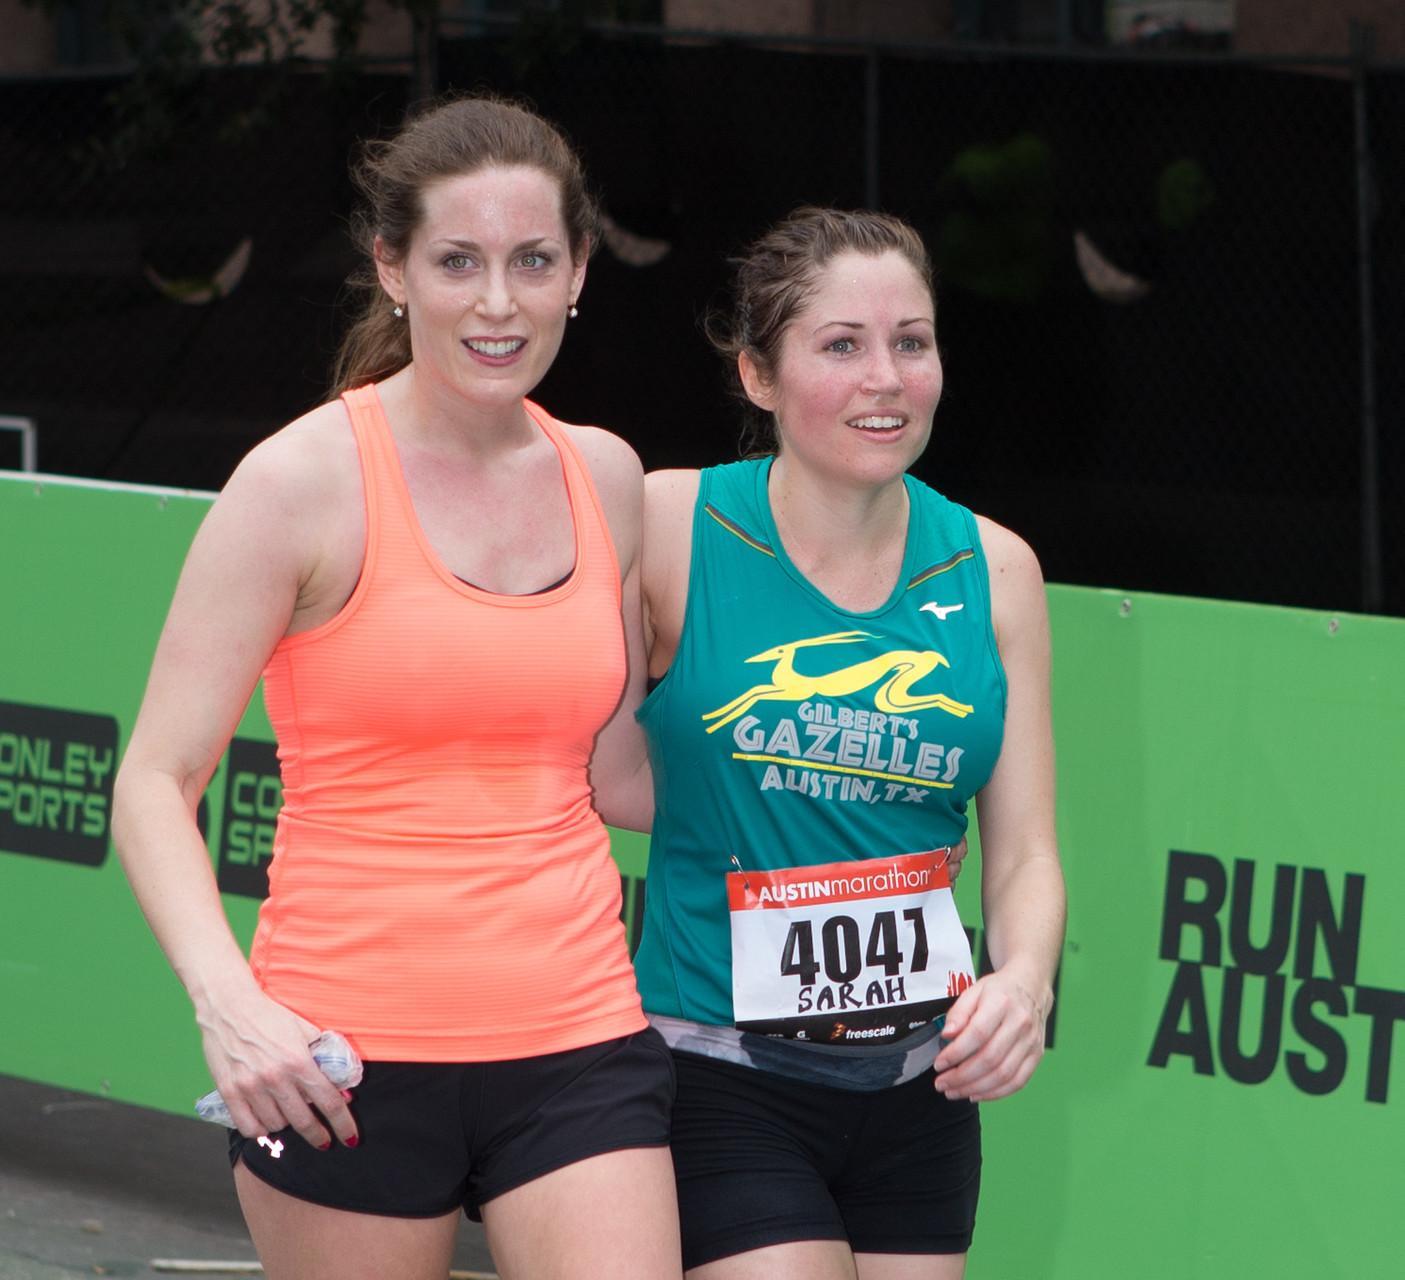 Austin Marathon 2015 pub-36.jpg